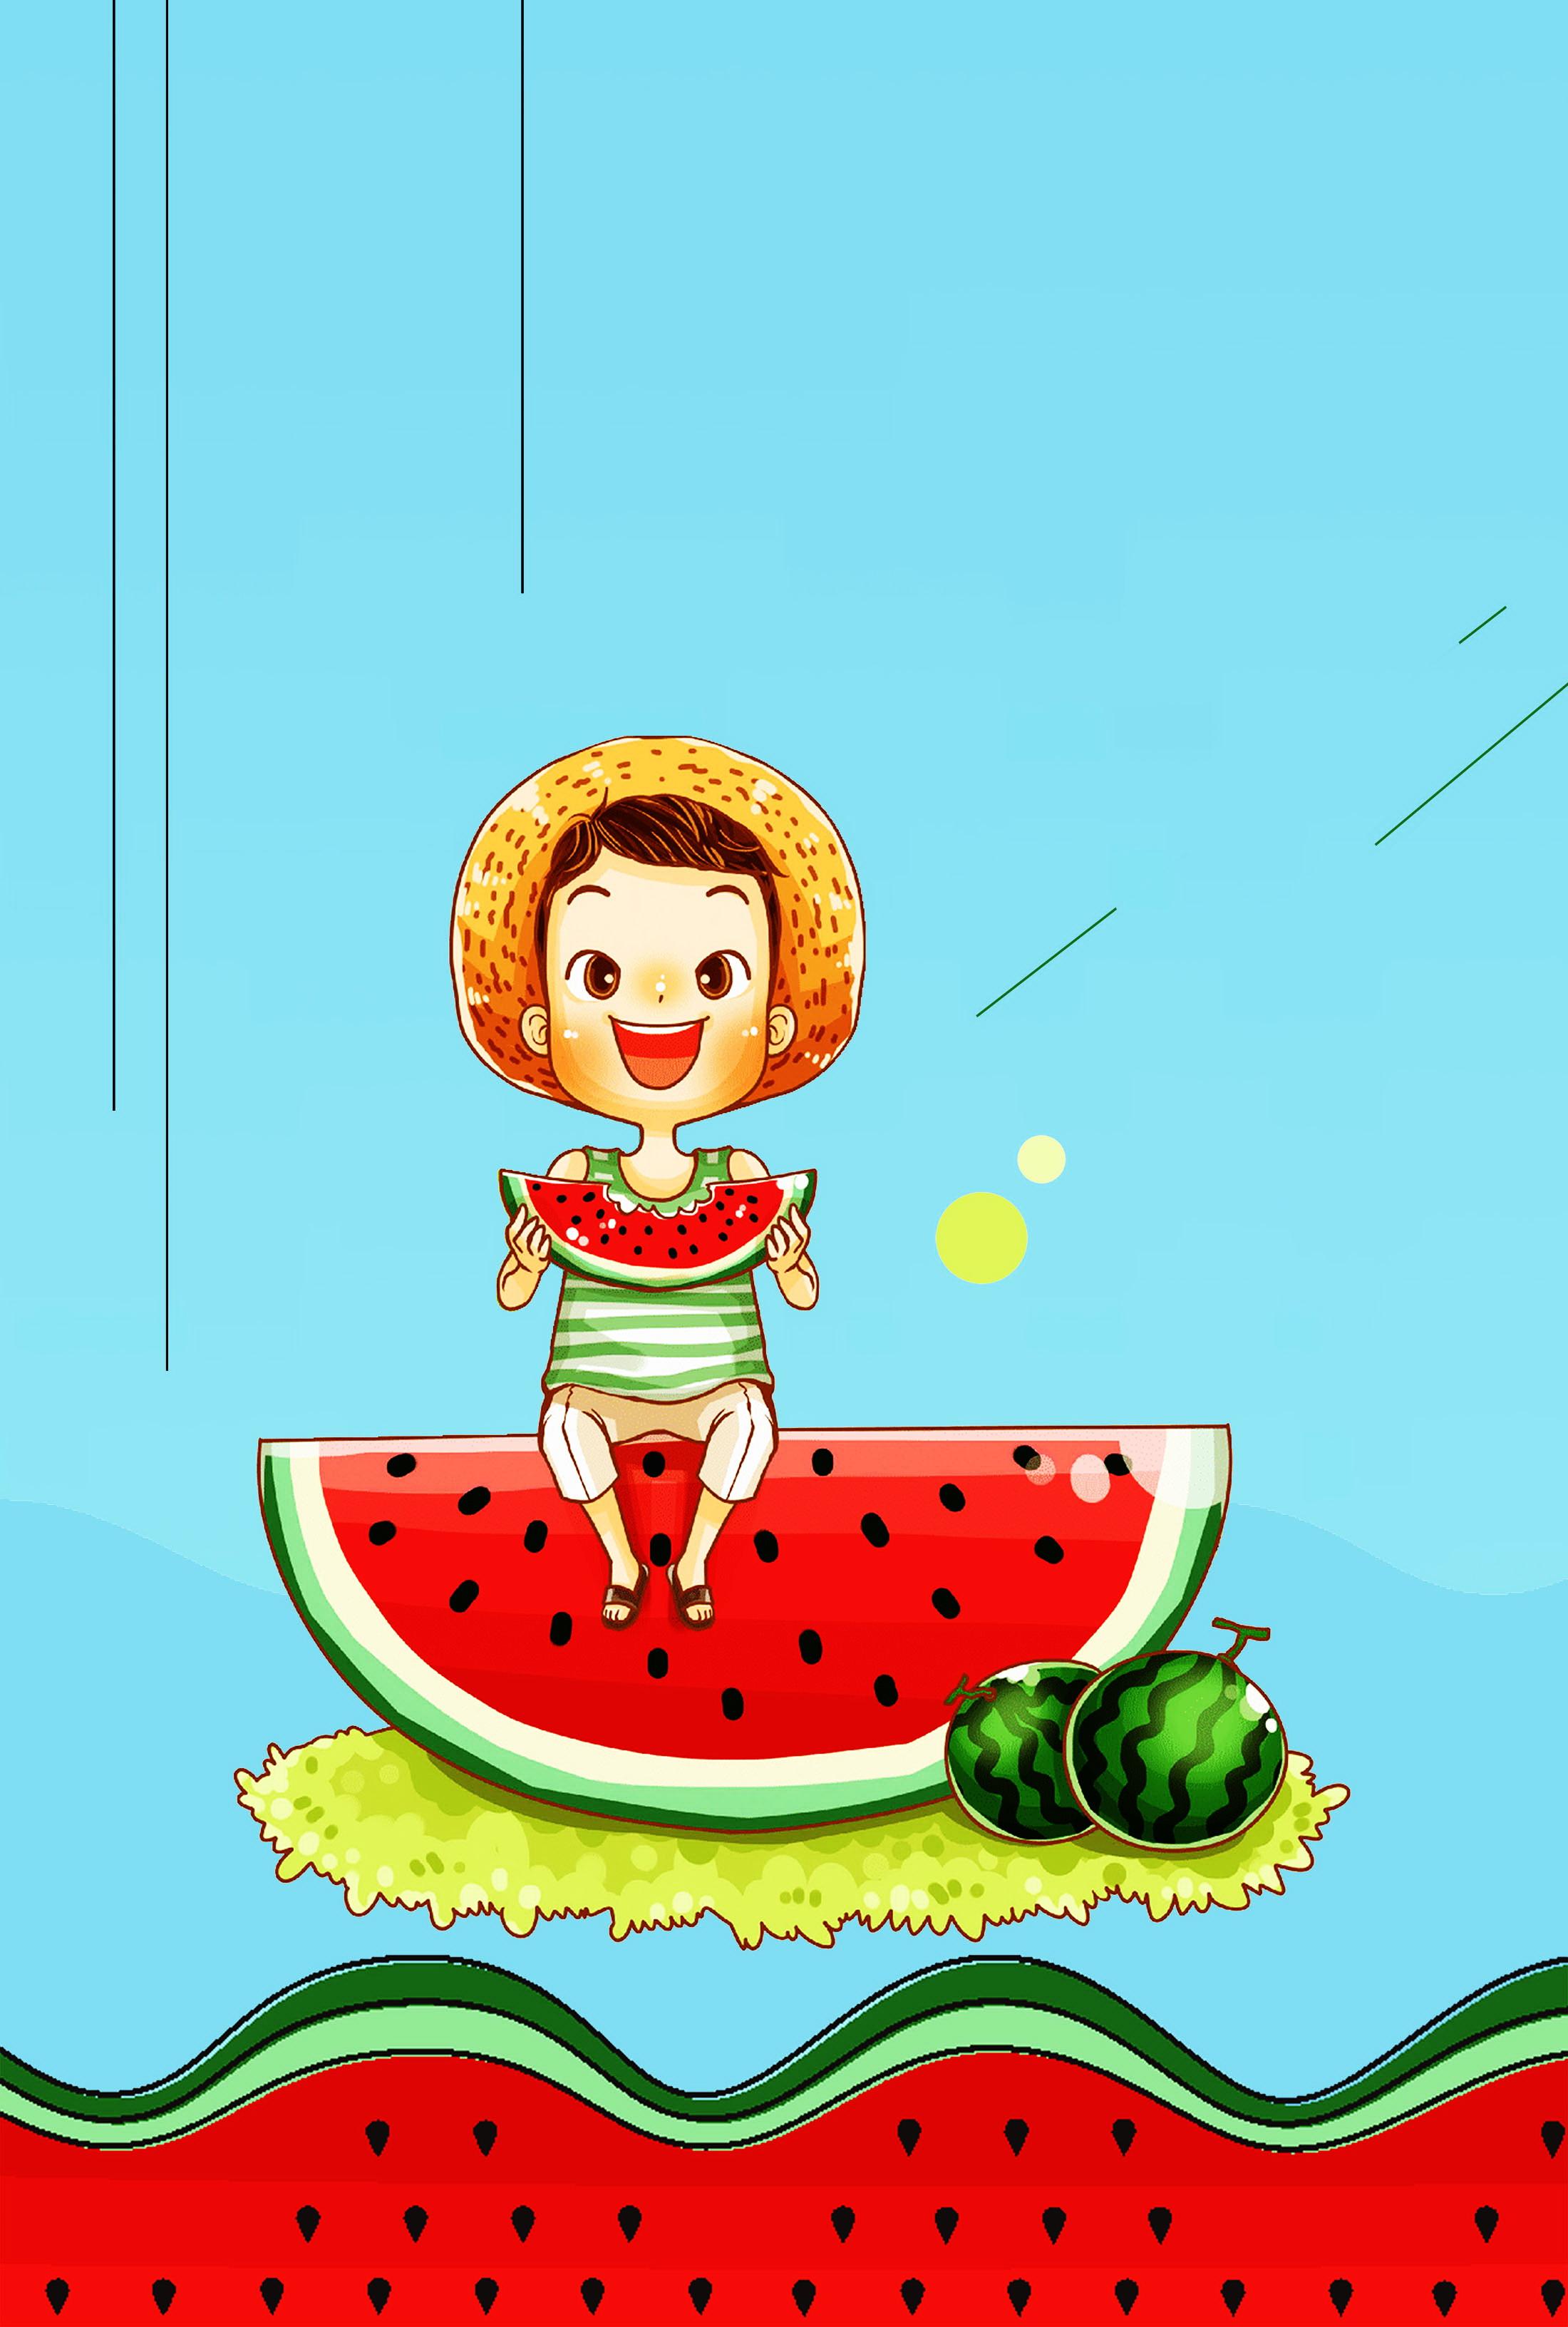 Anh bạn nhỏ ăn dưa hấu mẫu nền Hoạt Hình Anh Bạn Bé Nhỏ Ăn Dưa Hấu tải về miễn phí ảnh nền